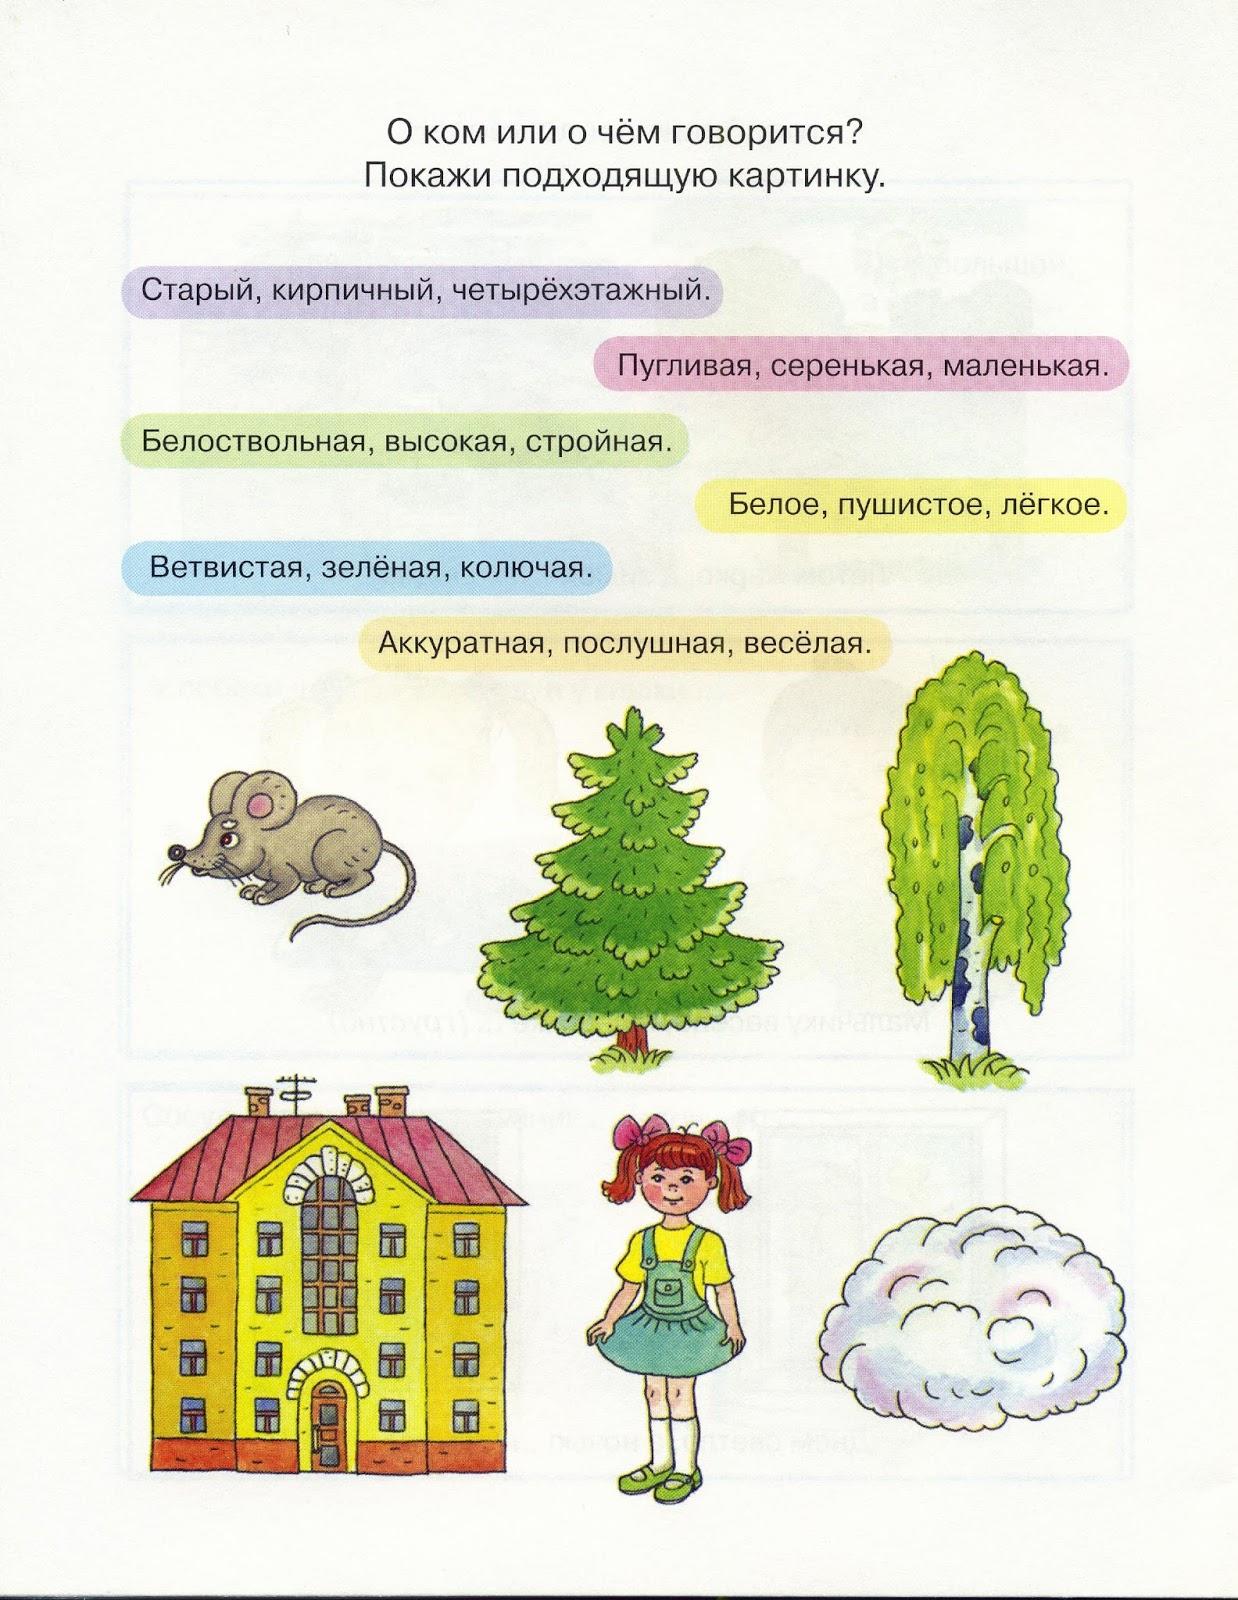 Конкурсы для детей в детском саду на день семьи